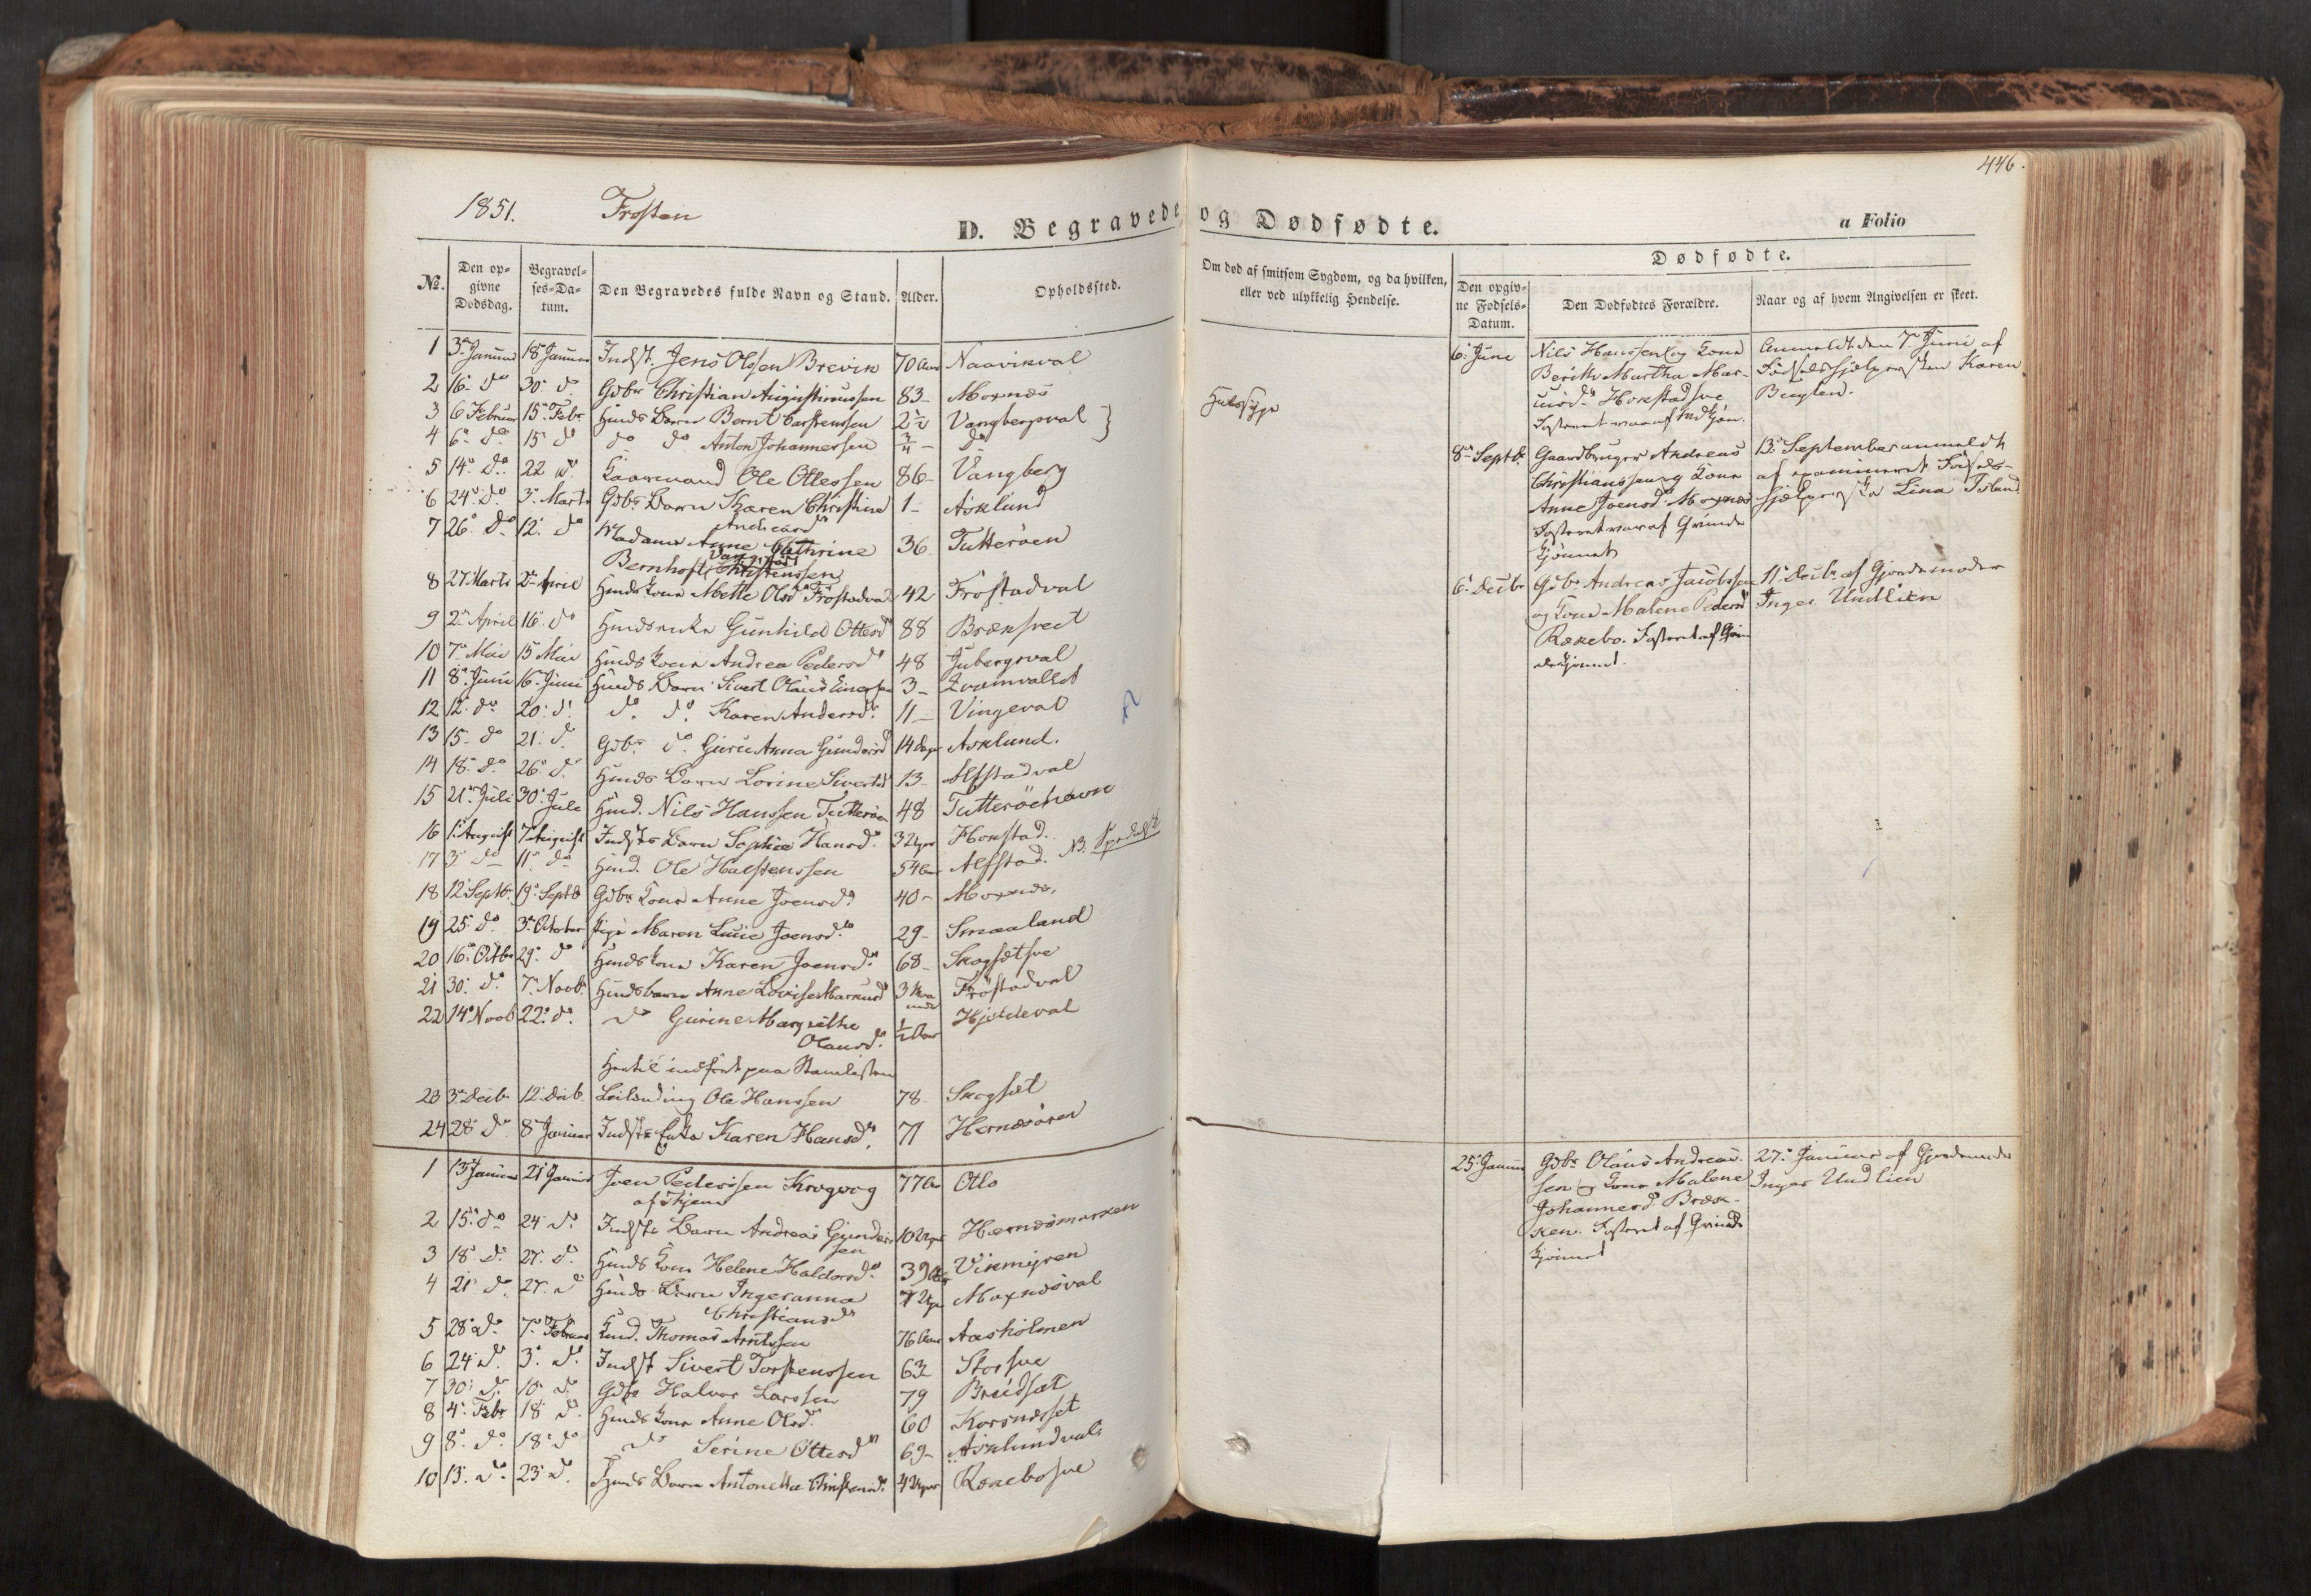 SAT, Ministerialprotokoller, klokkerbøker og fødselsregistre - Nord-Trøndelag, 713/L0116: Ministerialbok nr. 713A07, 1850-1877, s. 446